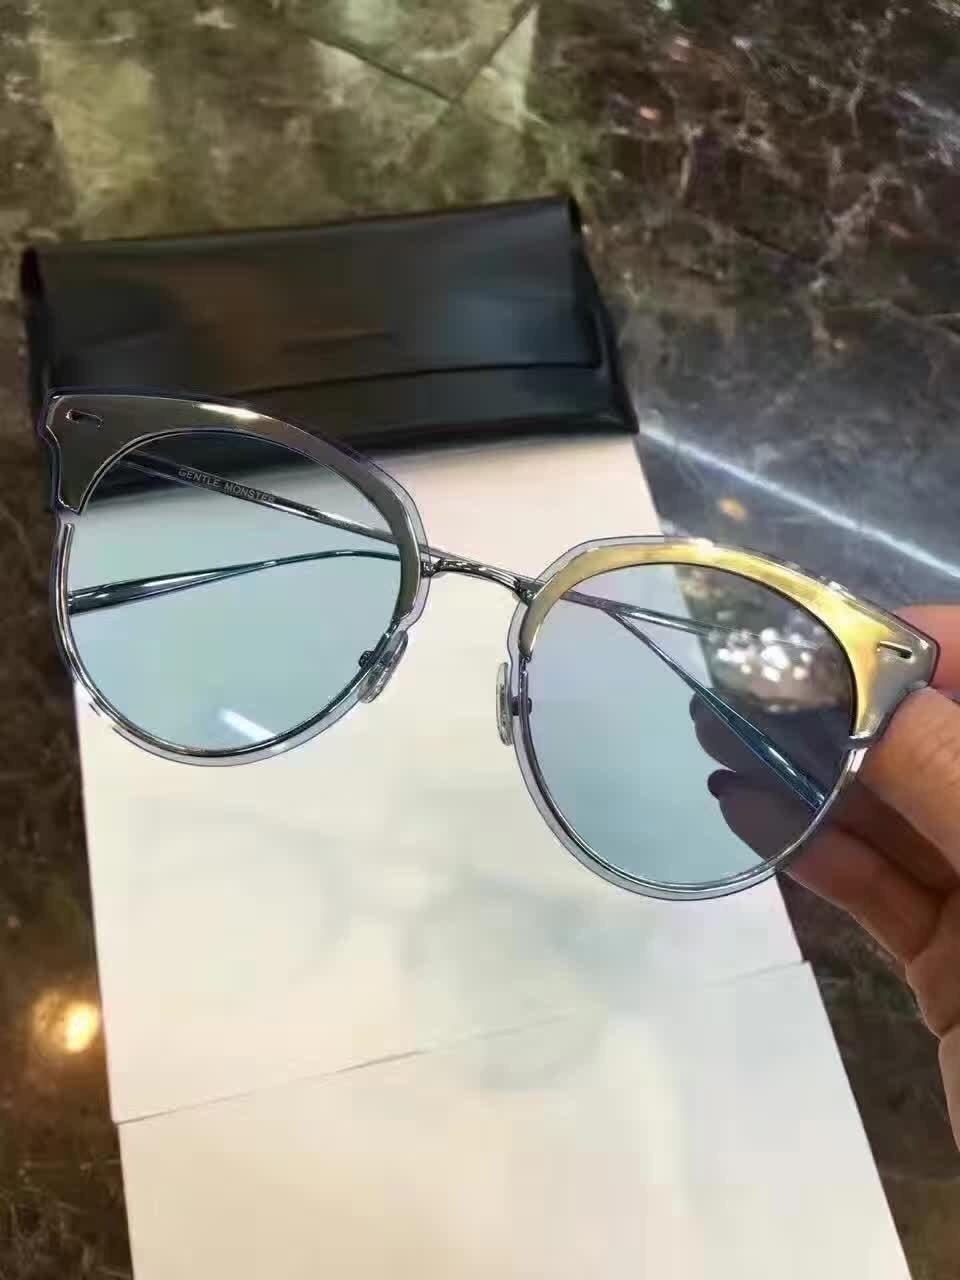 0165d6daadb New Gentle man or Women Monster eyeware V brand Tool m01 sunglasses for Gentle  monster sunglasses -black frame black lensess  Amazon.co.uk  Sports   ...